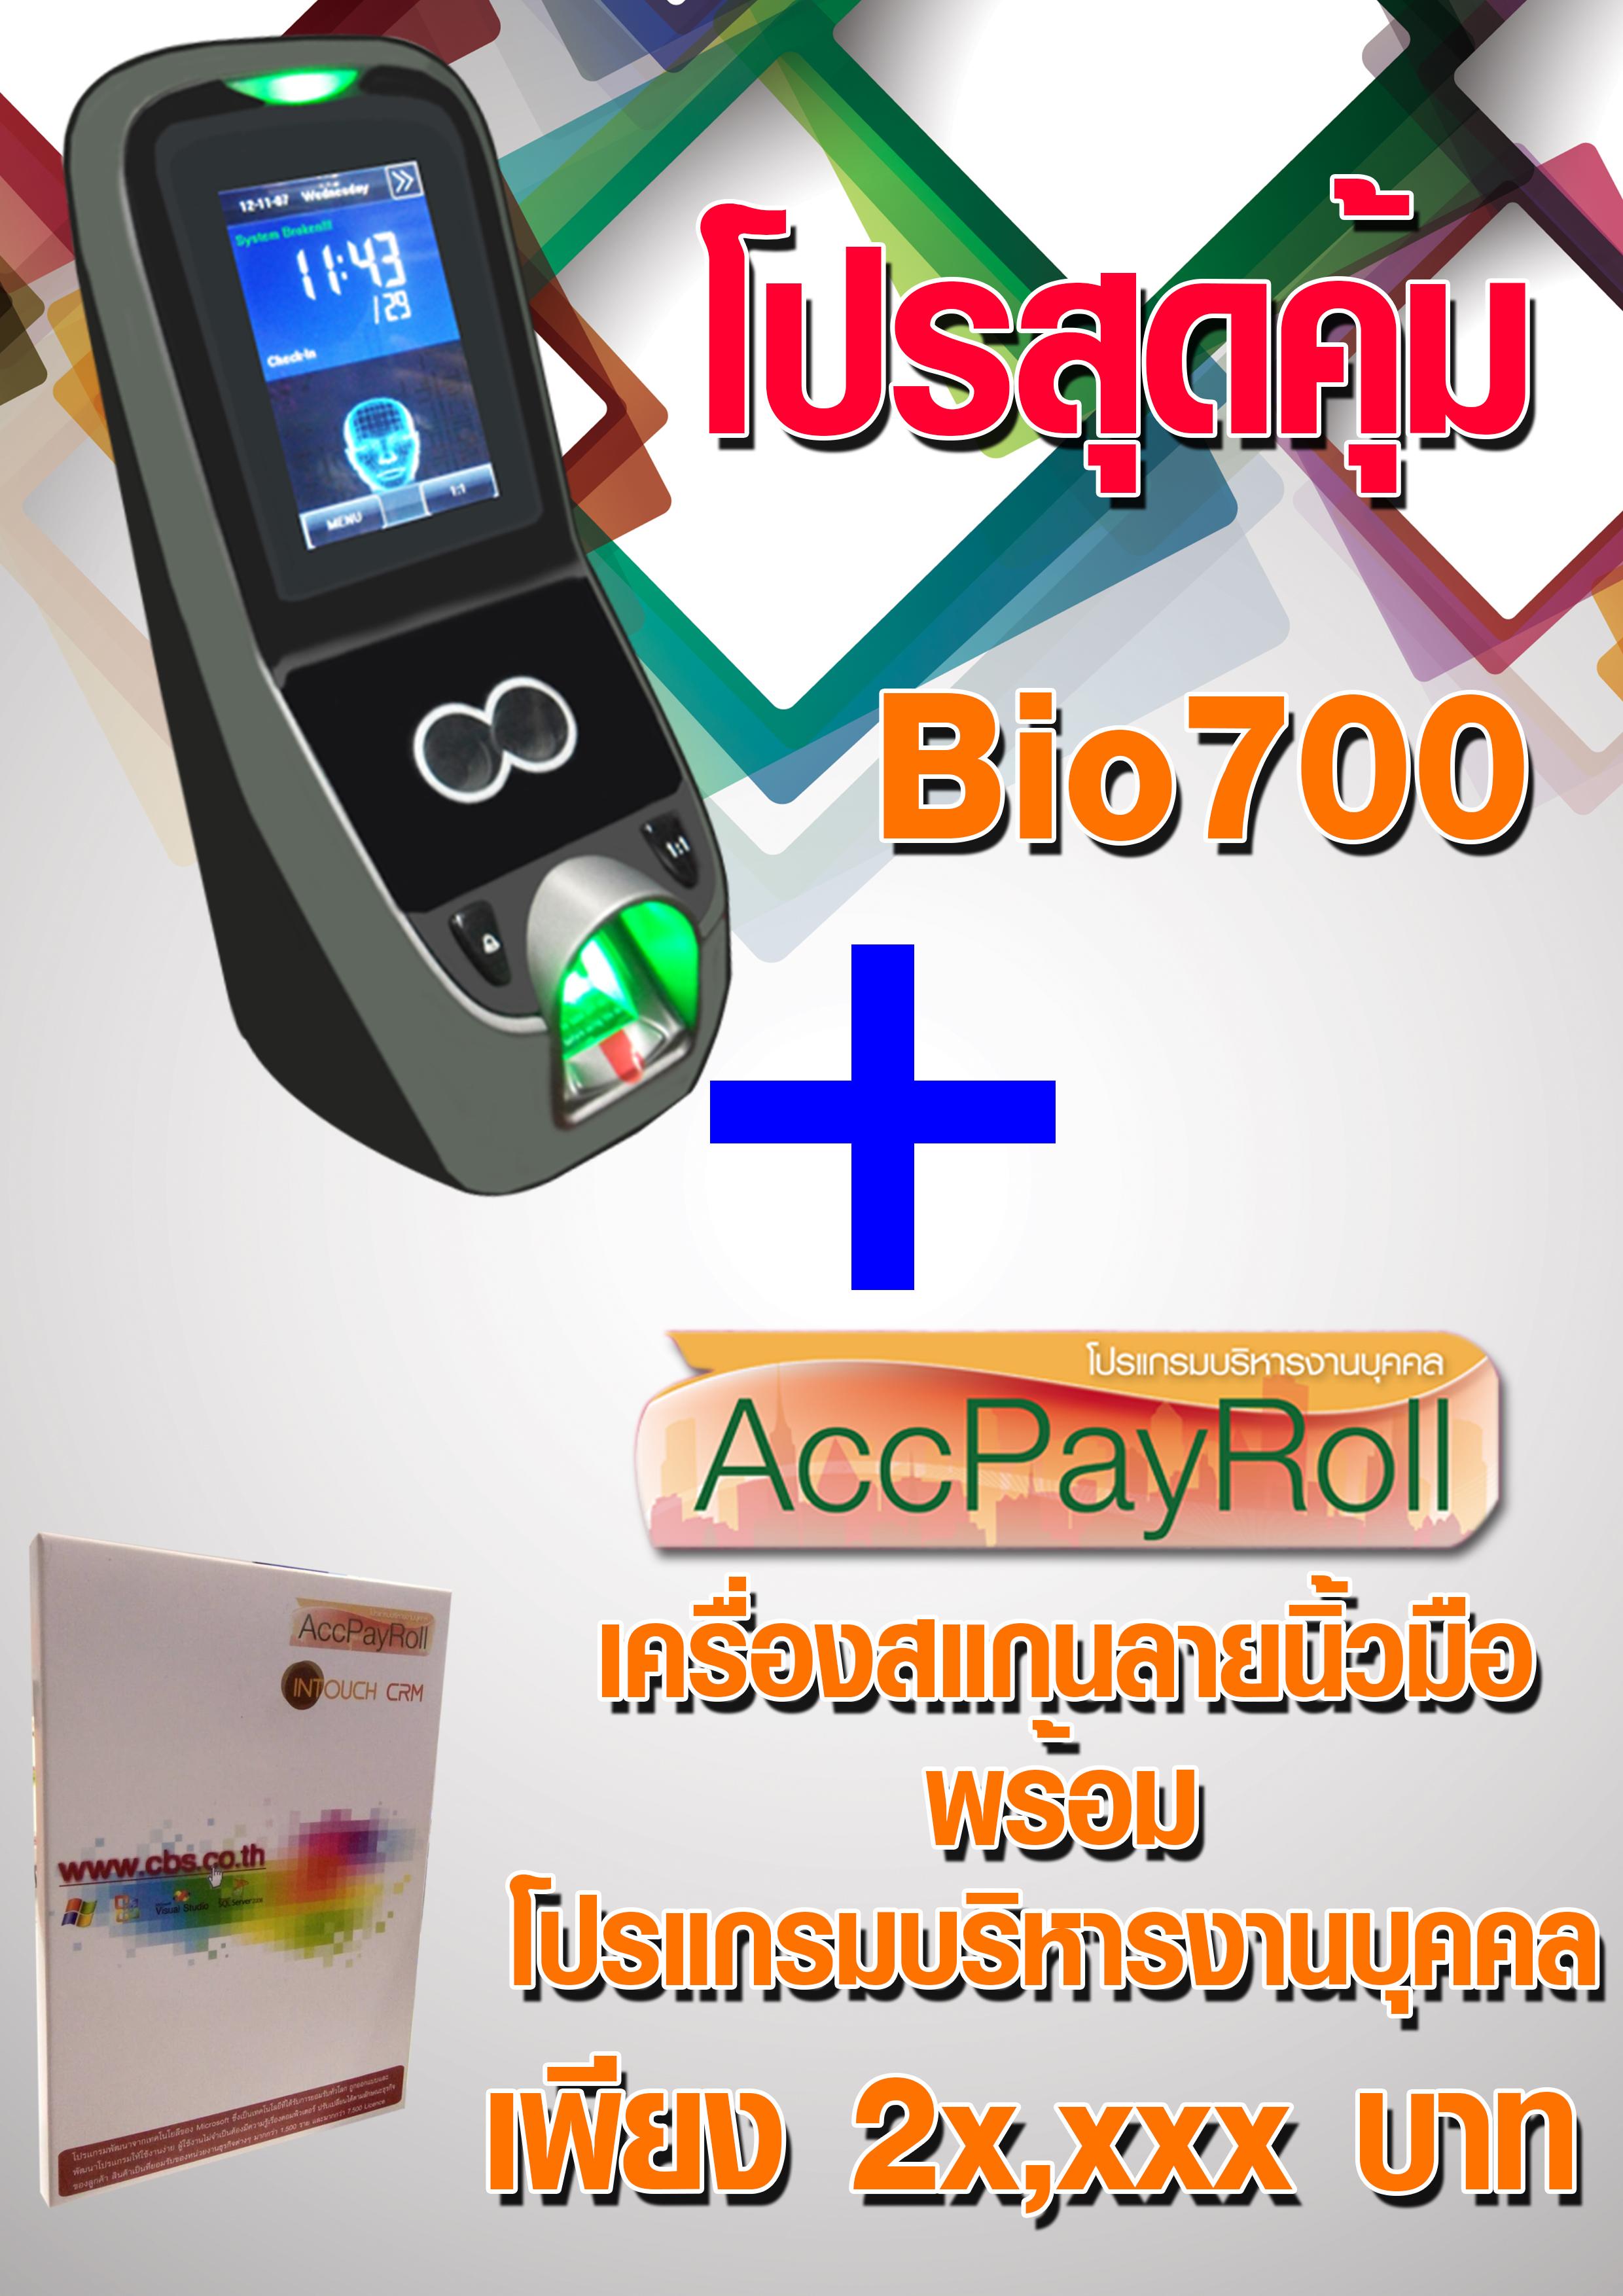 AccPayRoll